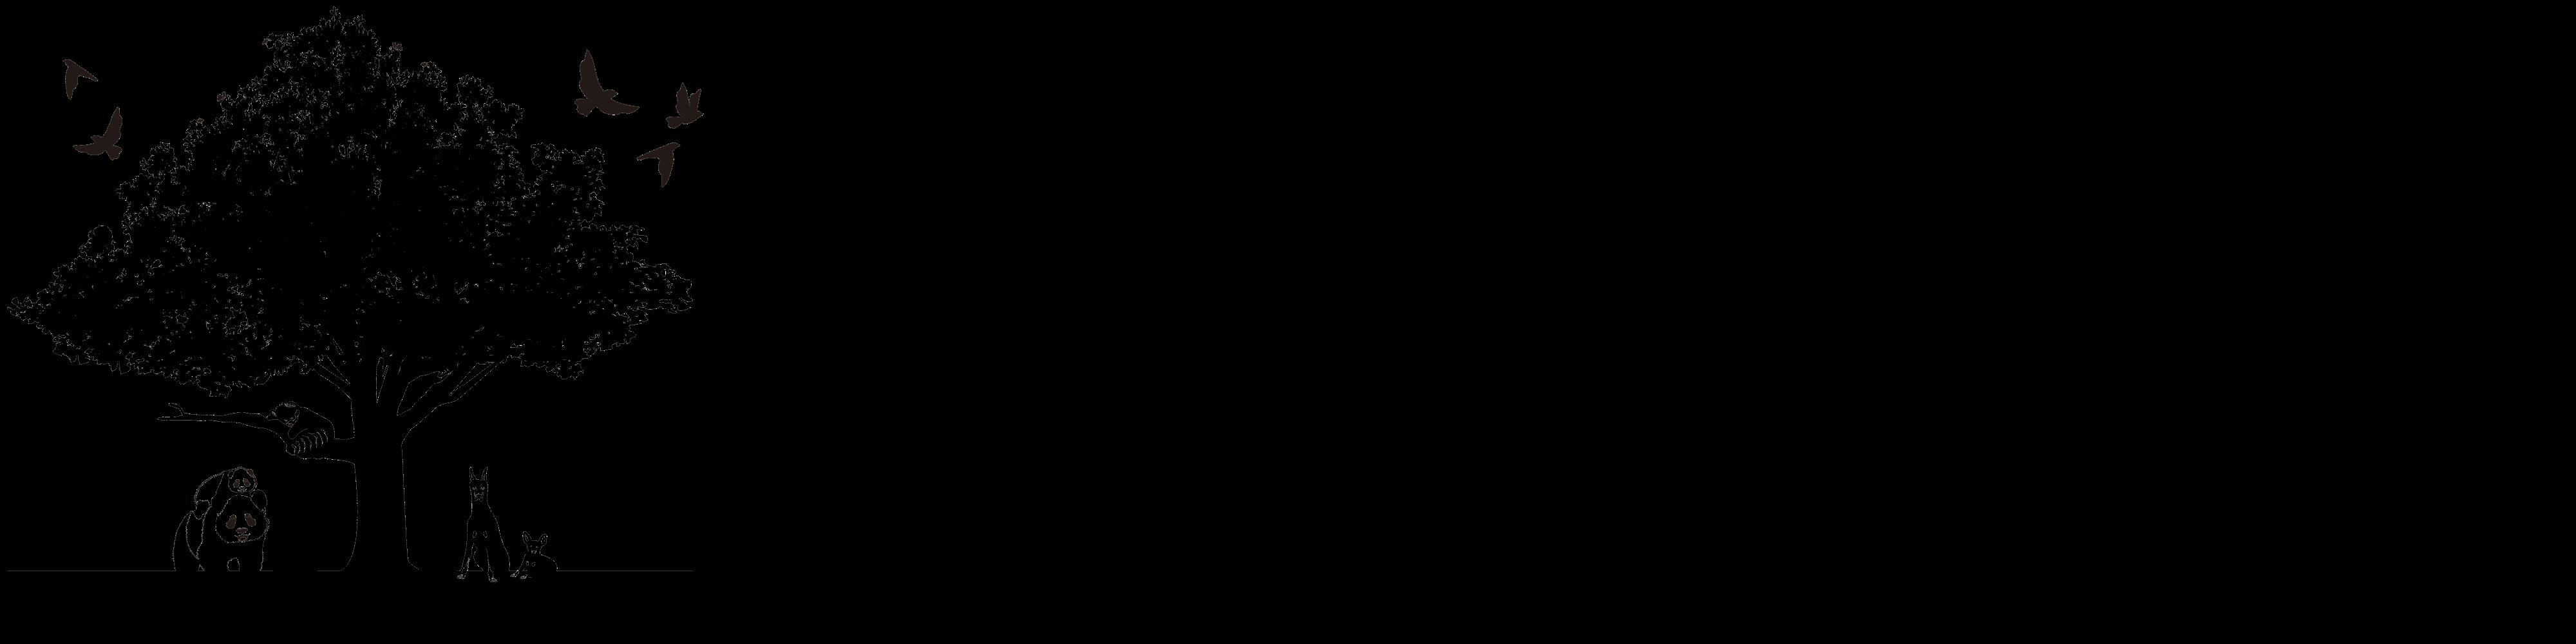 lebenwood-logo